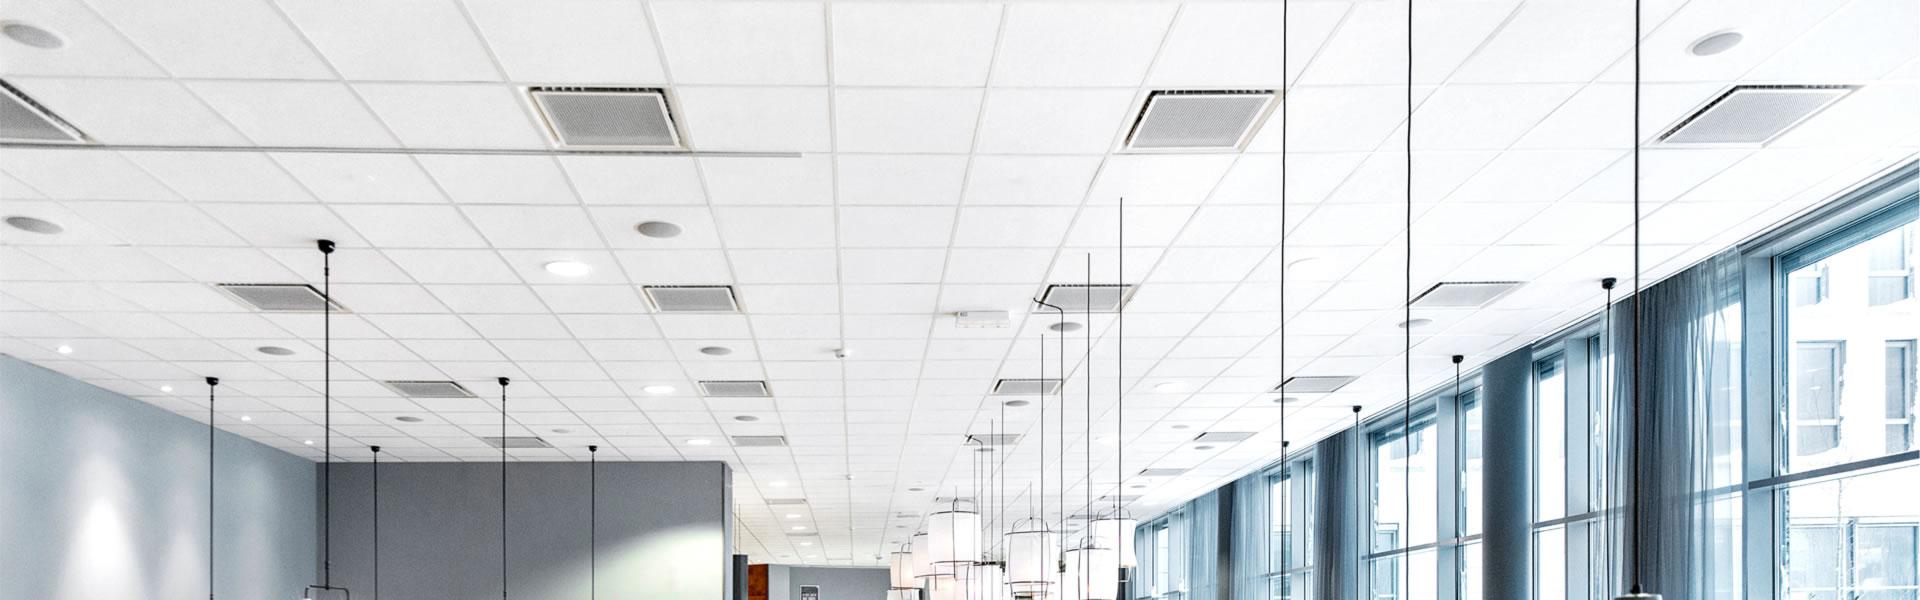 Rockfon Acoustic Ceilings